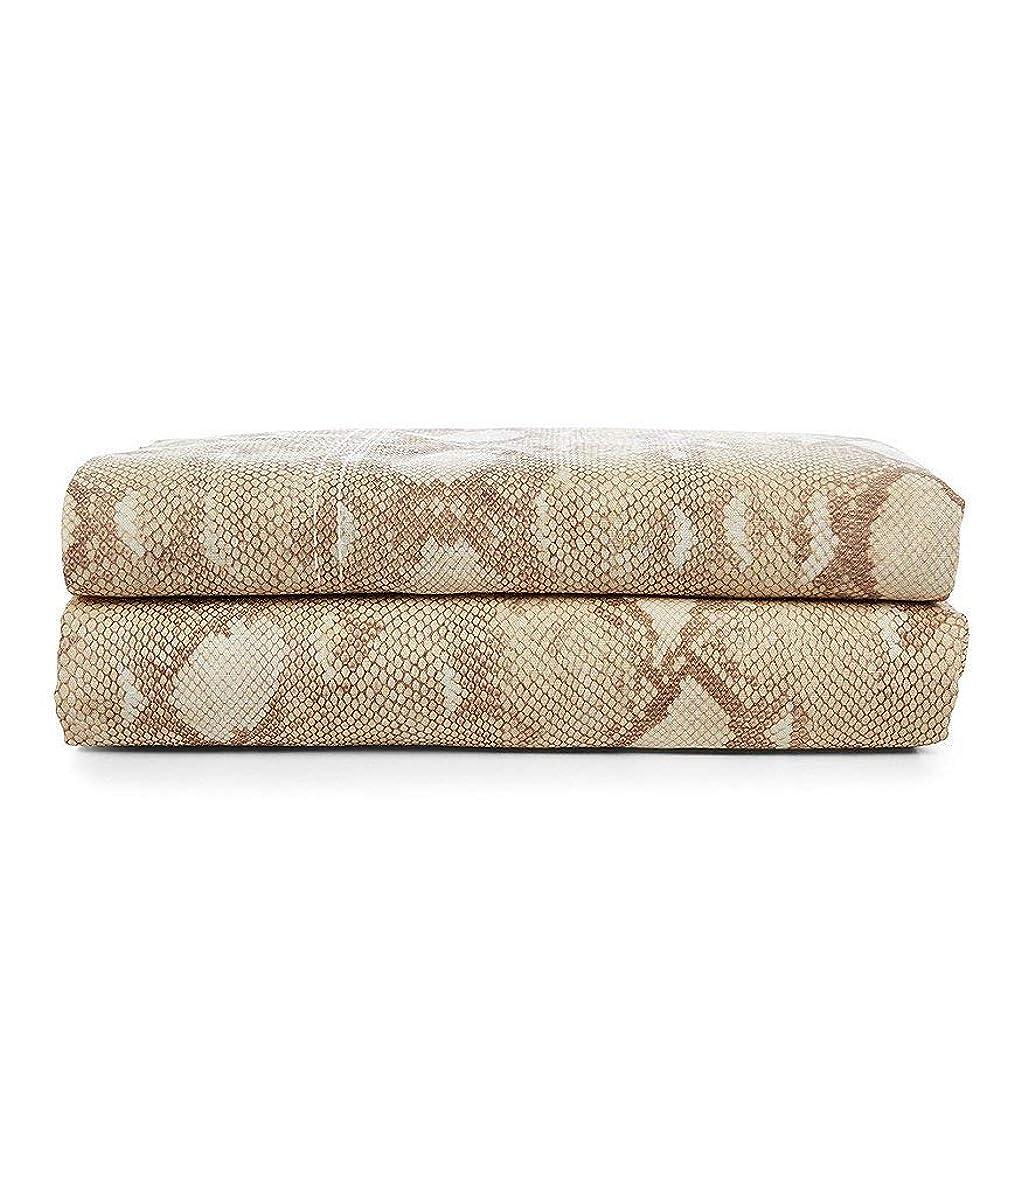 RALPH LAUREN Great Sands Selleck Python Standard Pillowcase Pair